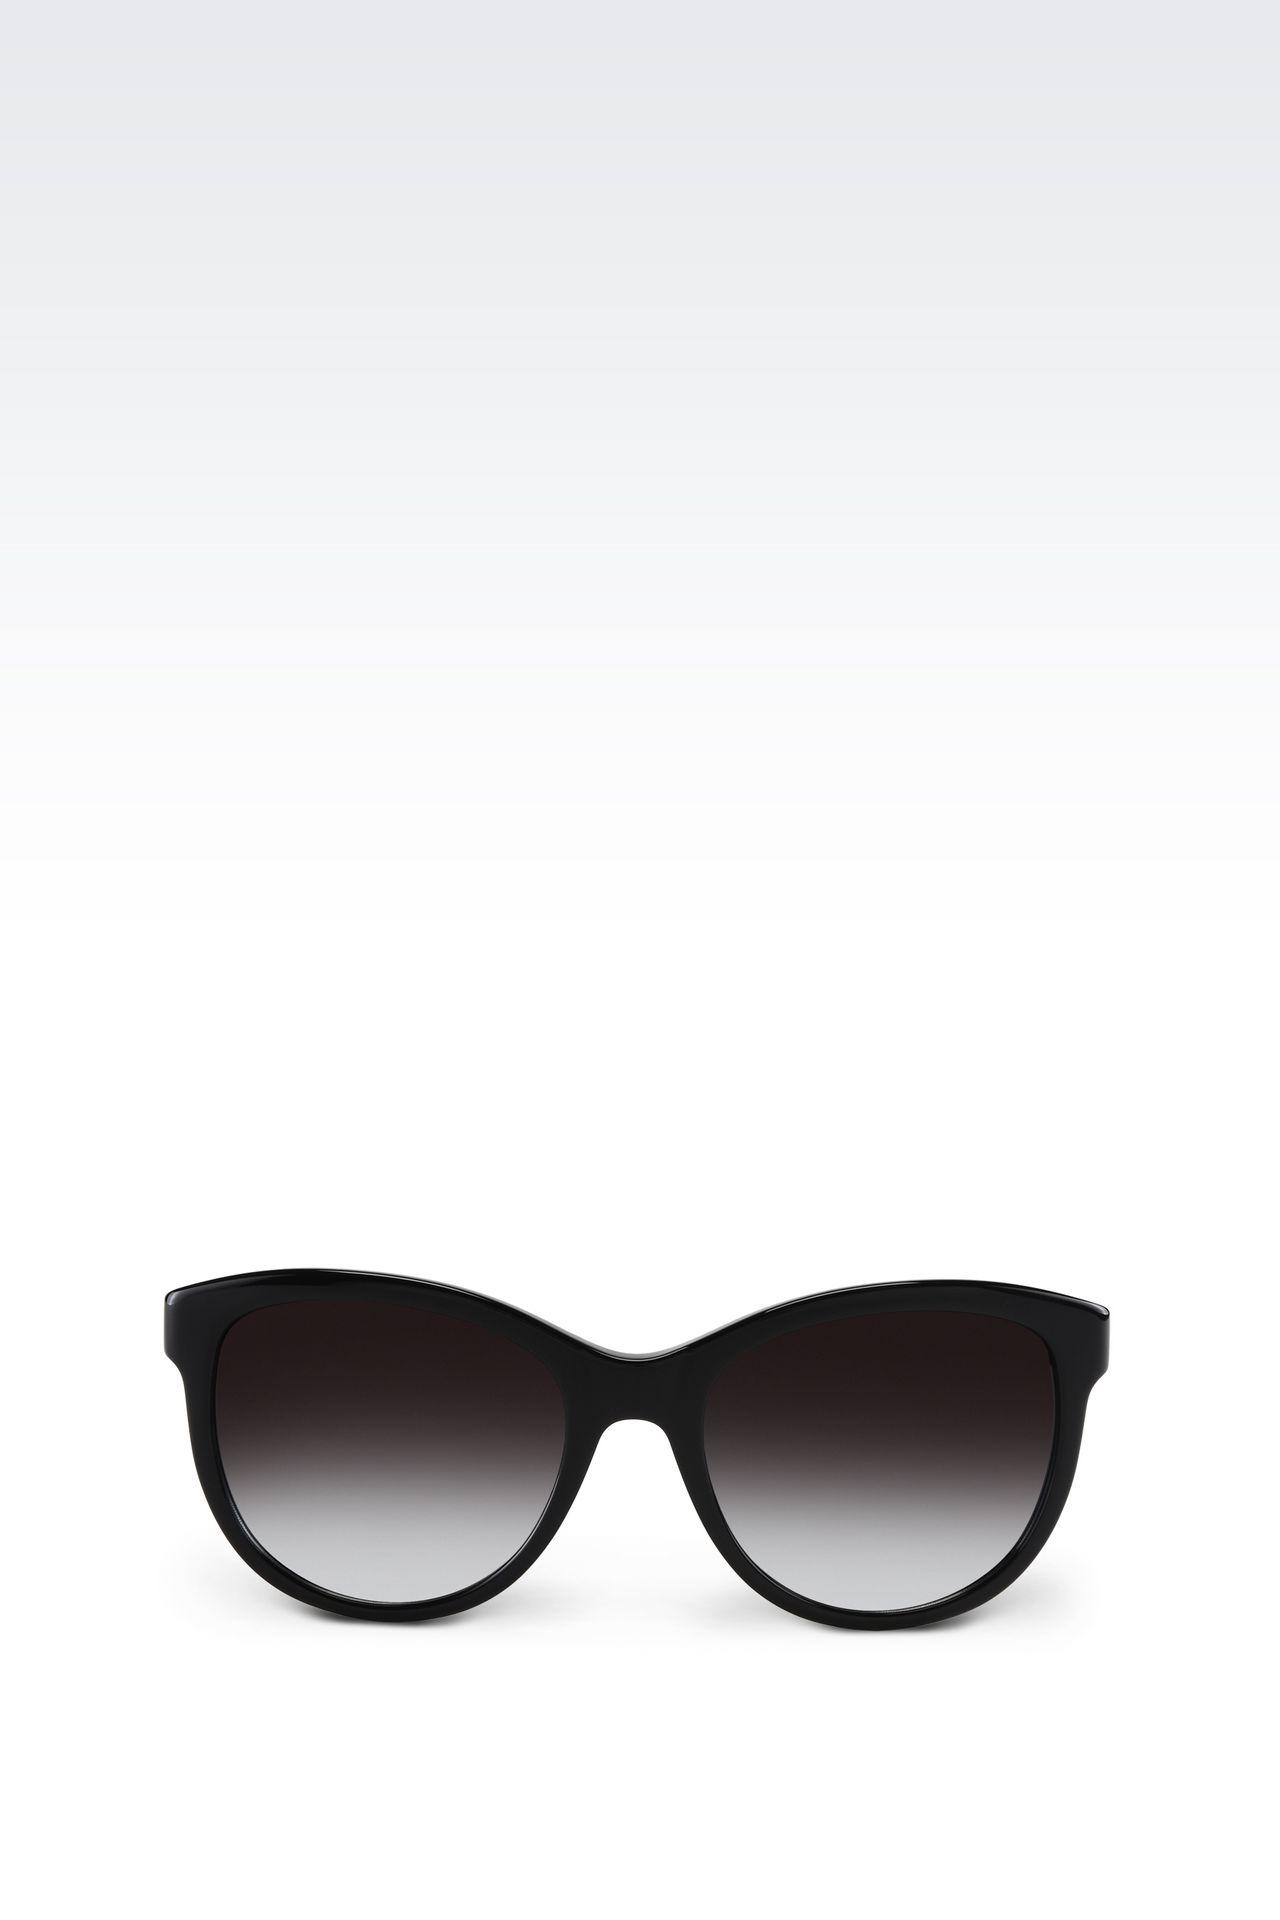 sunglasses women  Emporio Armani Sunglasses for Women - Spring Summer 2017 - Armani.com